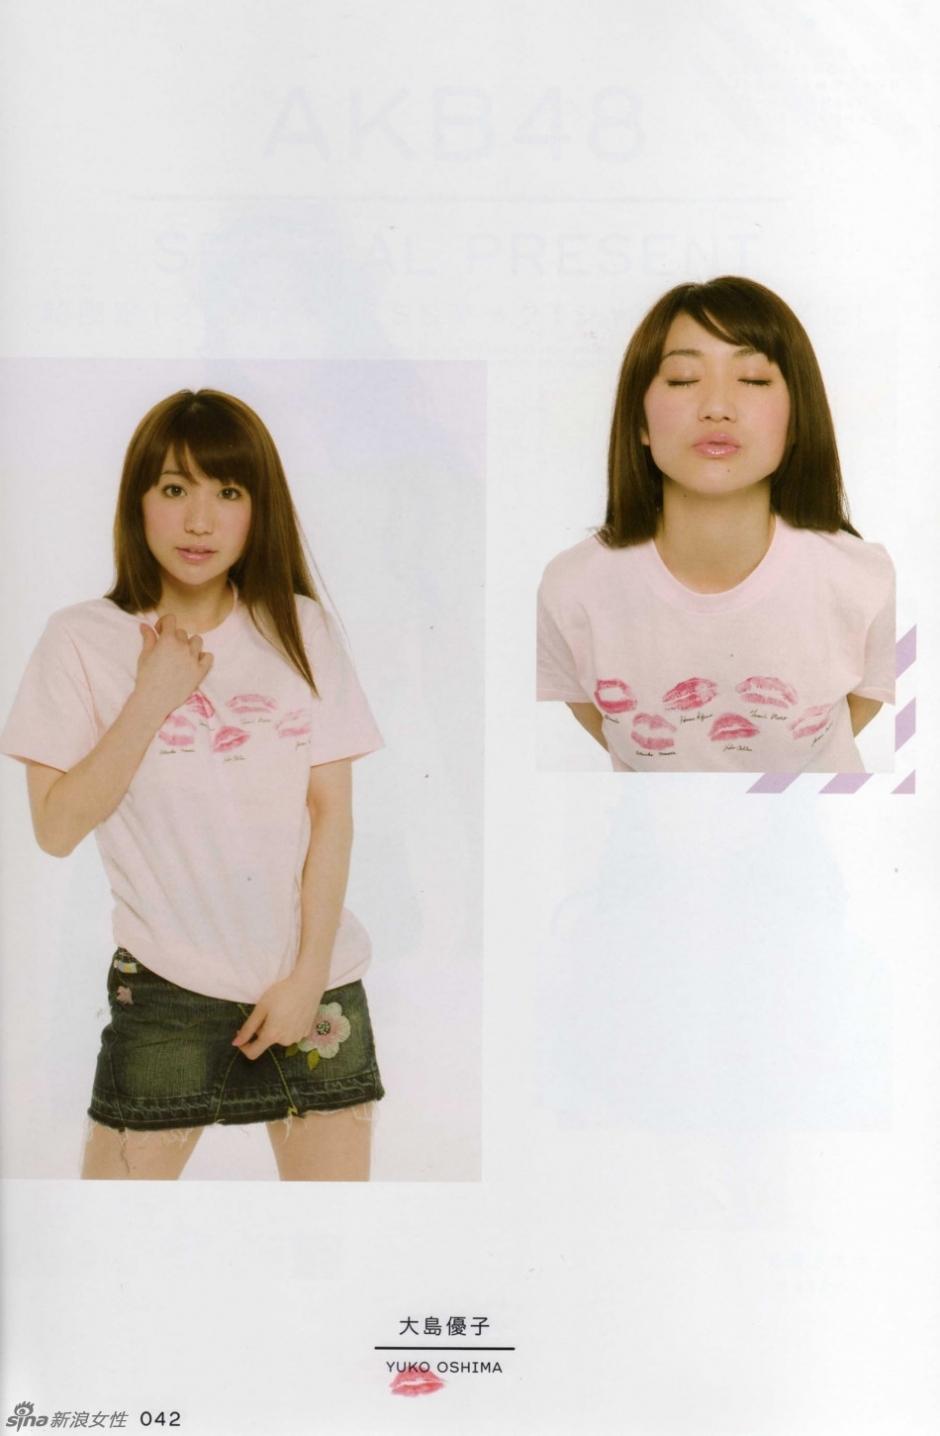 前田敦子,大岛优子等成员集体出镜,美少女风情挡不住!